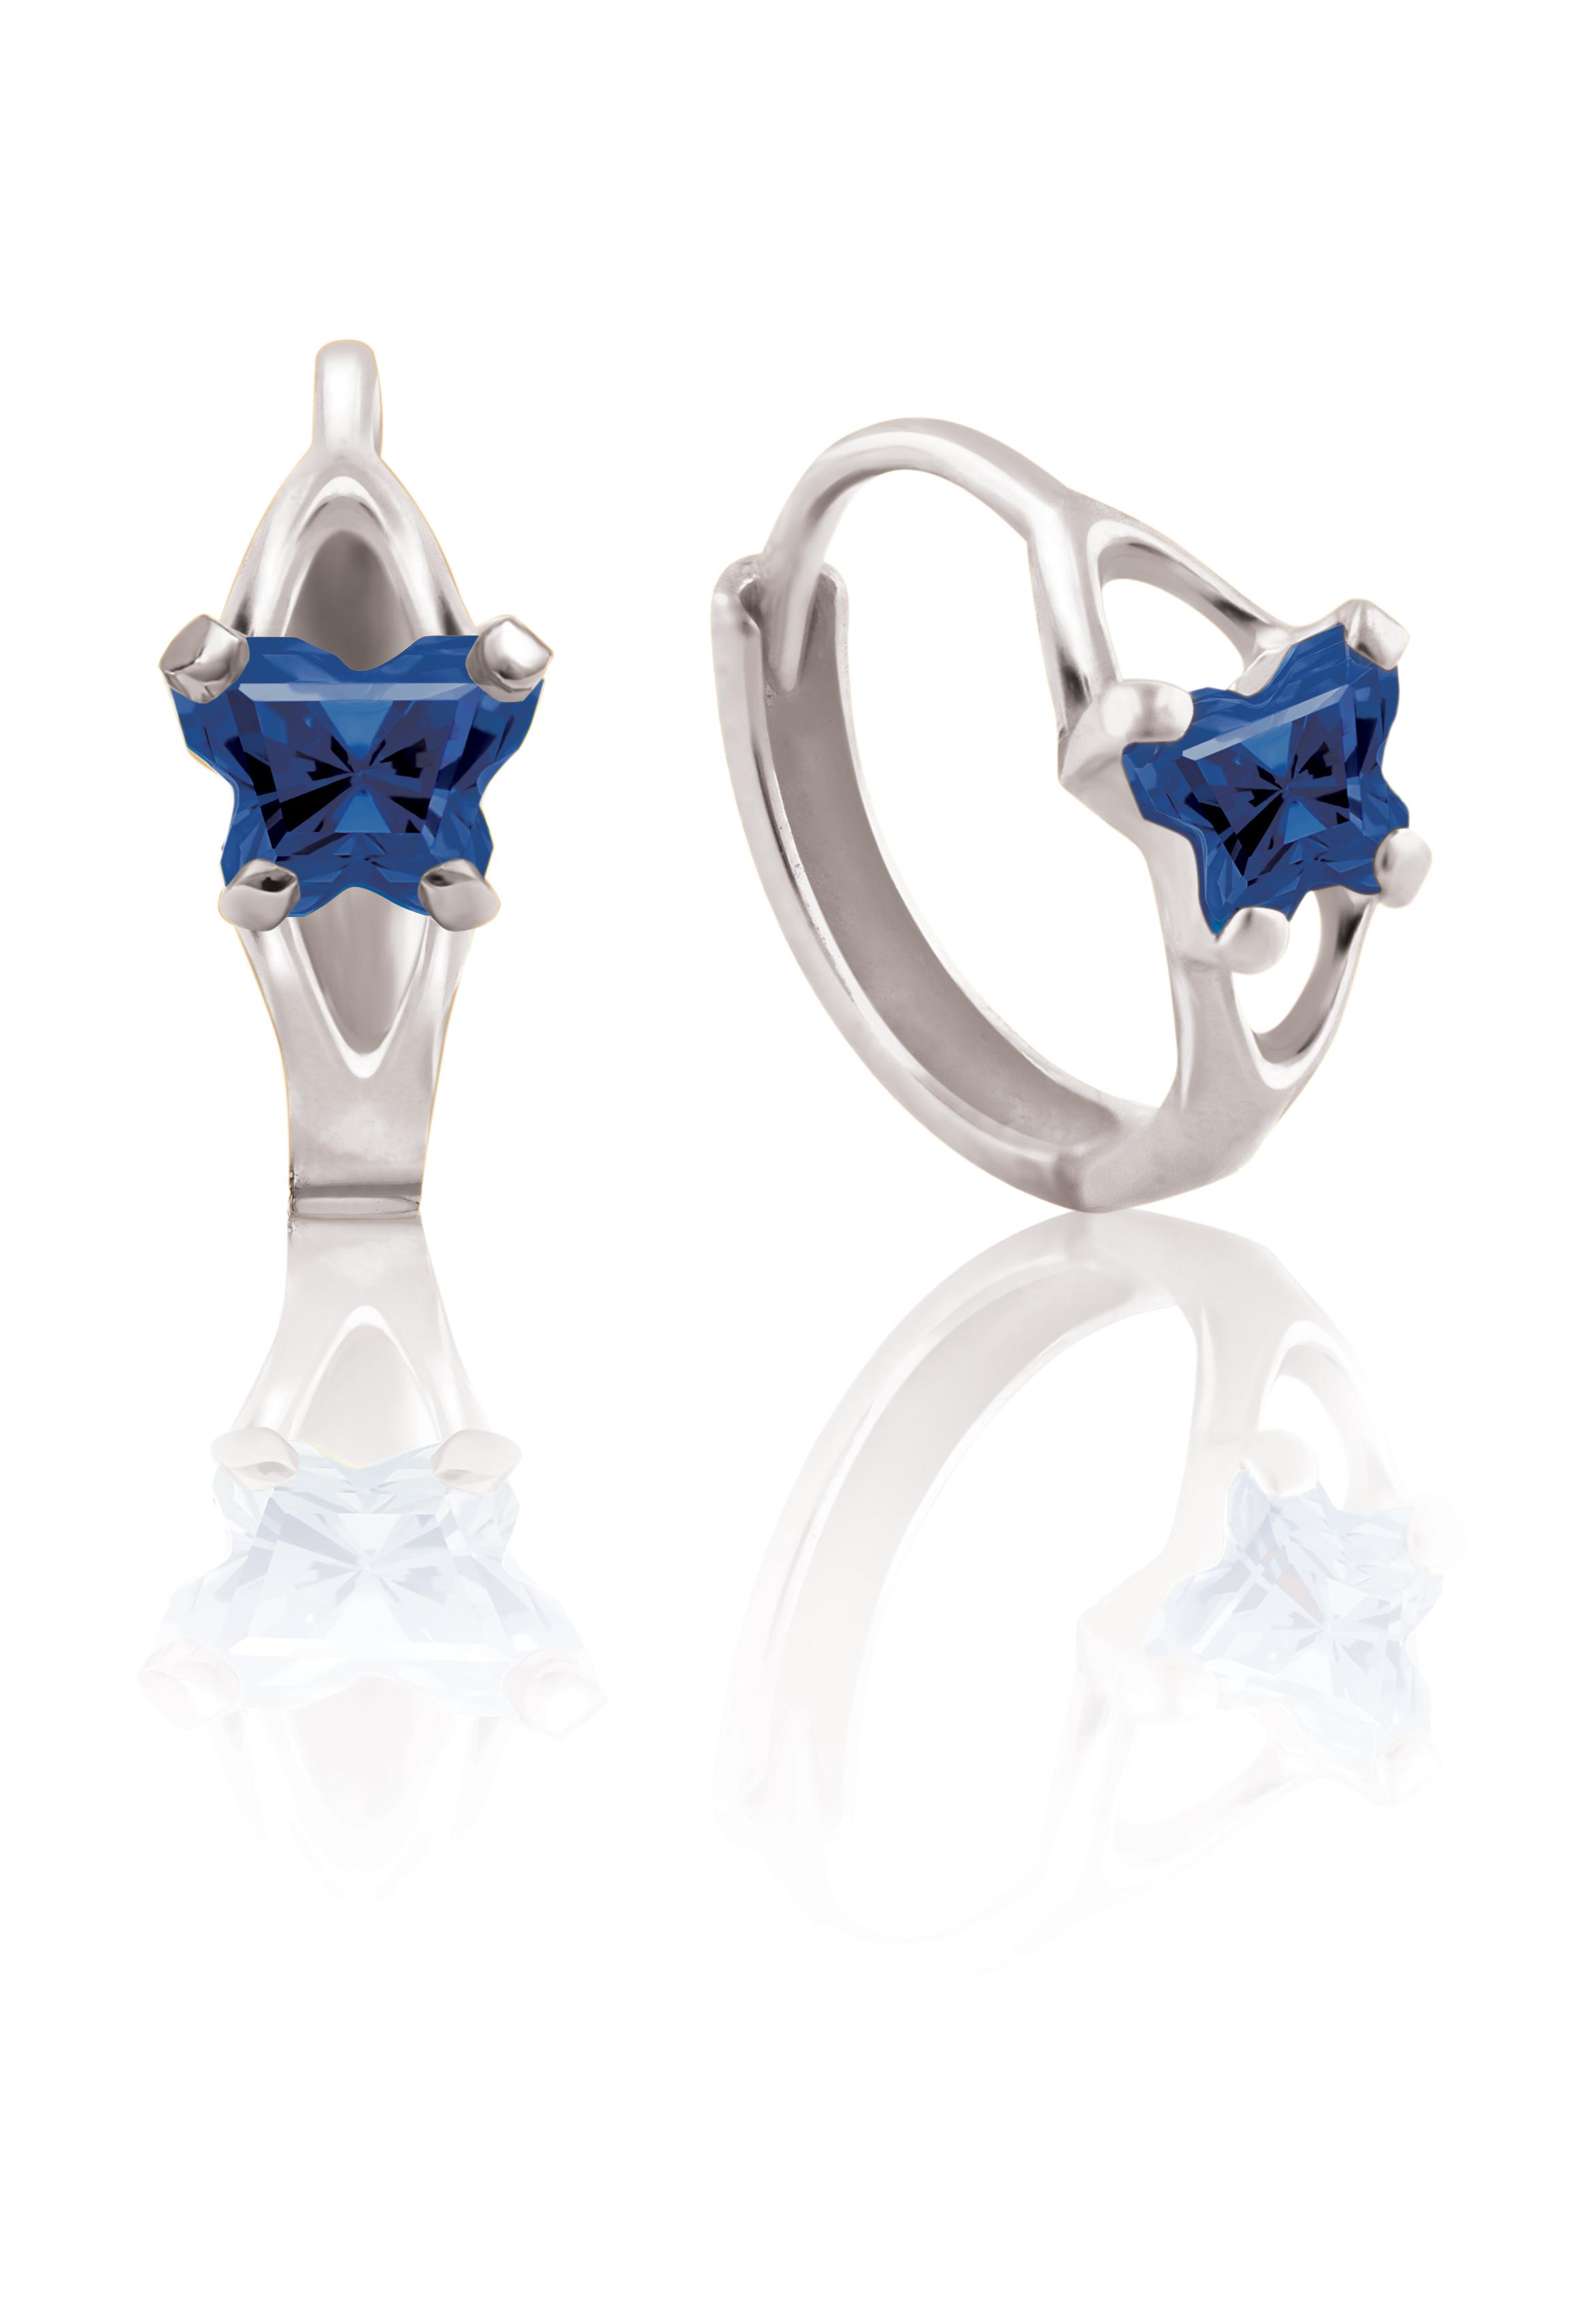 Boucles d'oreilles BFLY de genre Huggies pour bambins en argent sterling serties de zircons cubiques bleu marin (mois de septembre)